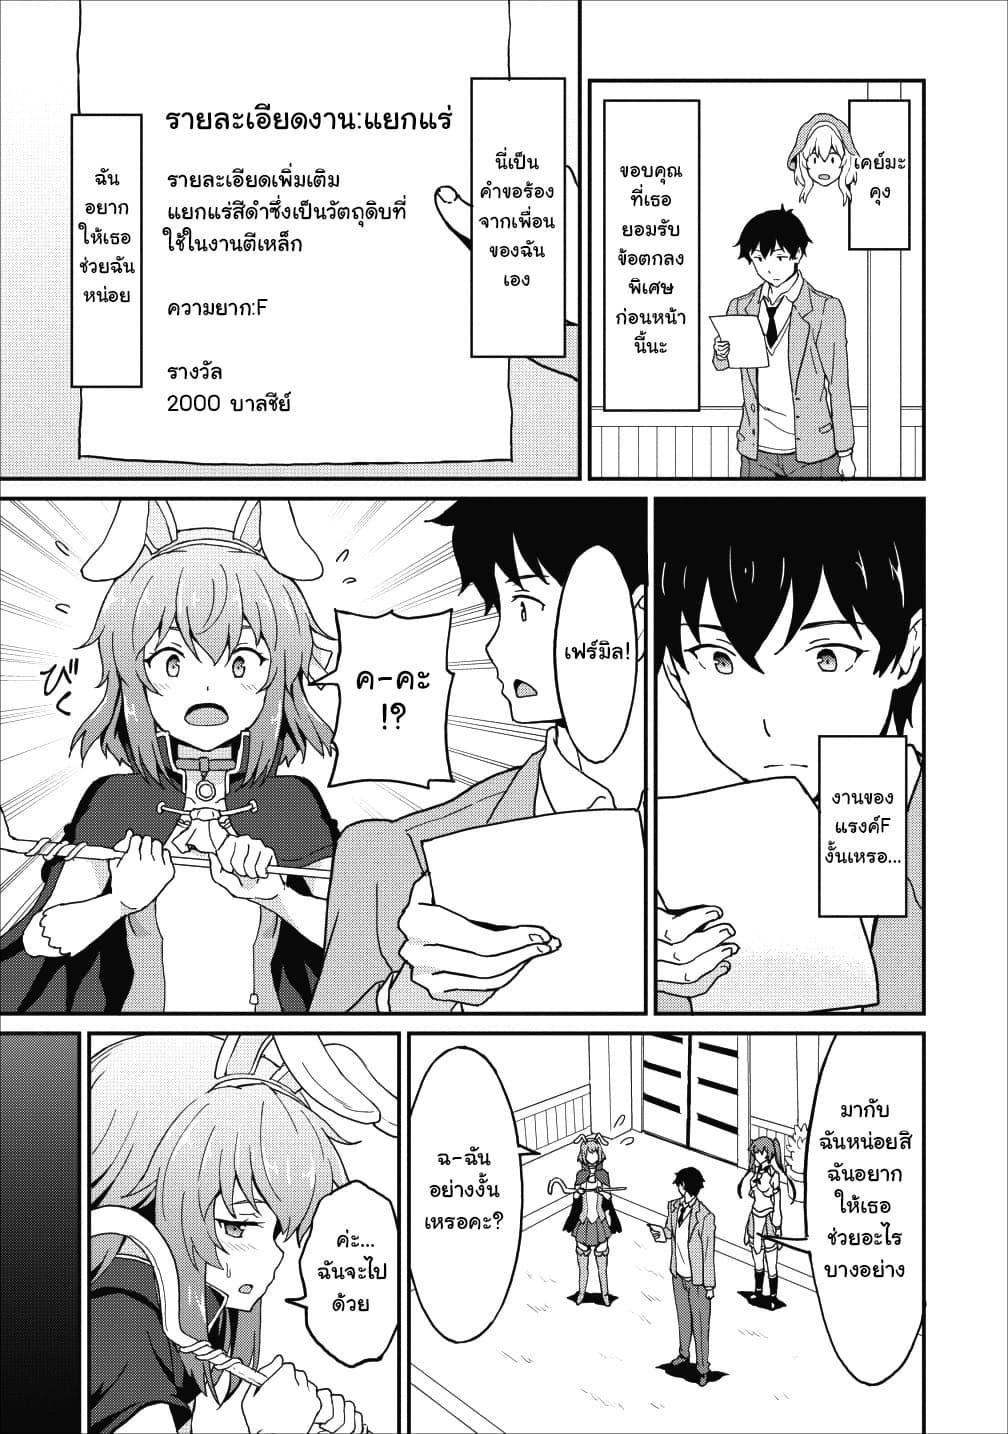 อ่านการ์ตูน Taberu Dake de Level-Up! Damegami to Issho ni Isekai Musou ตอนที่ 9 หน้าที่ 26